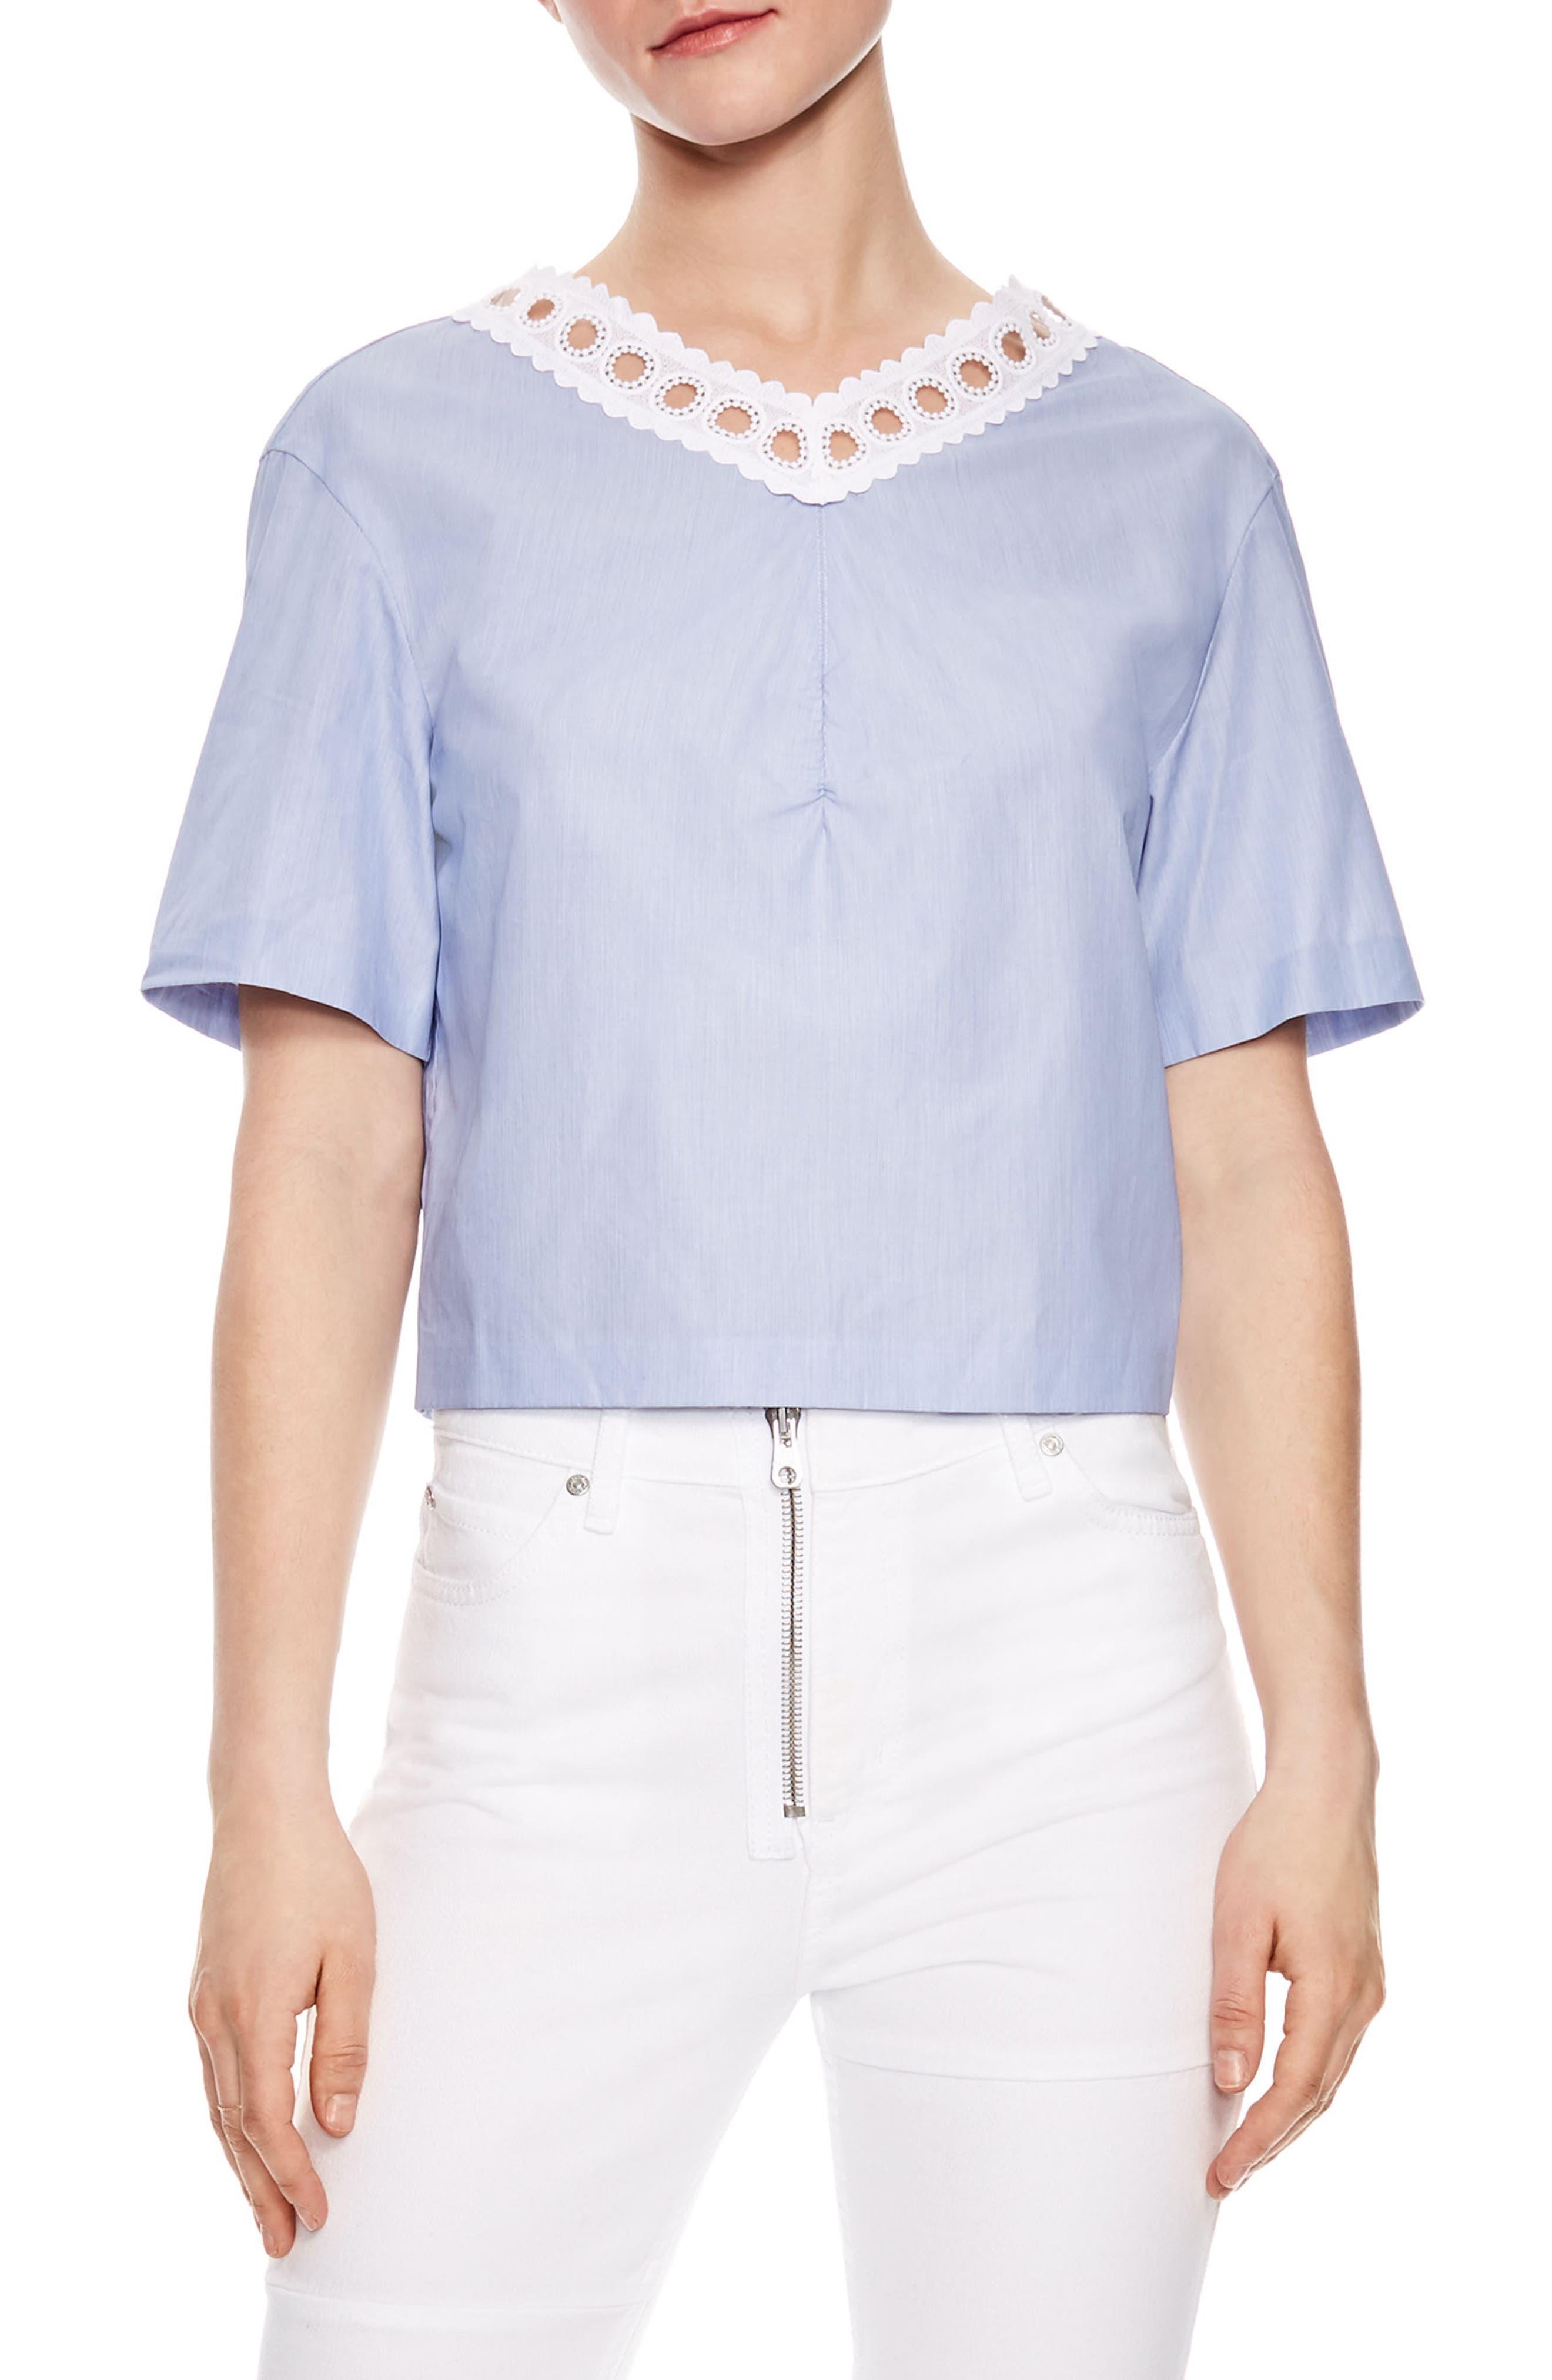 Bleu Ciel Tie Back Top,                         Main,                         color, 400